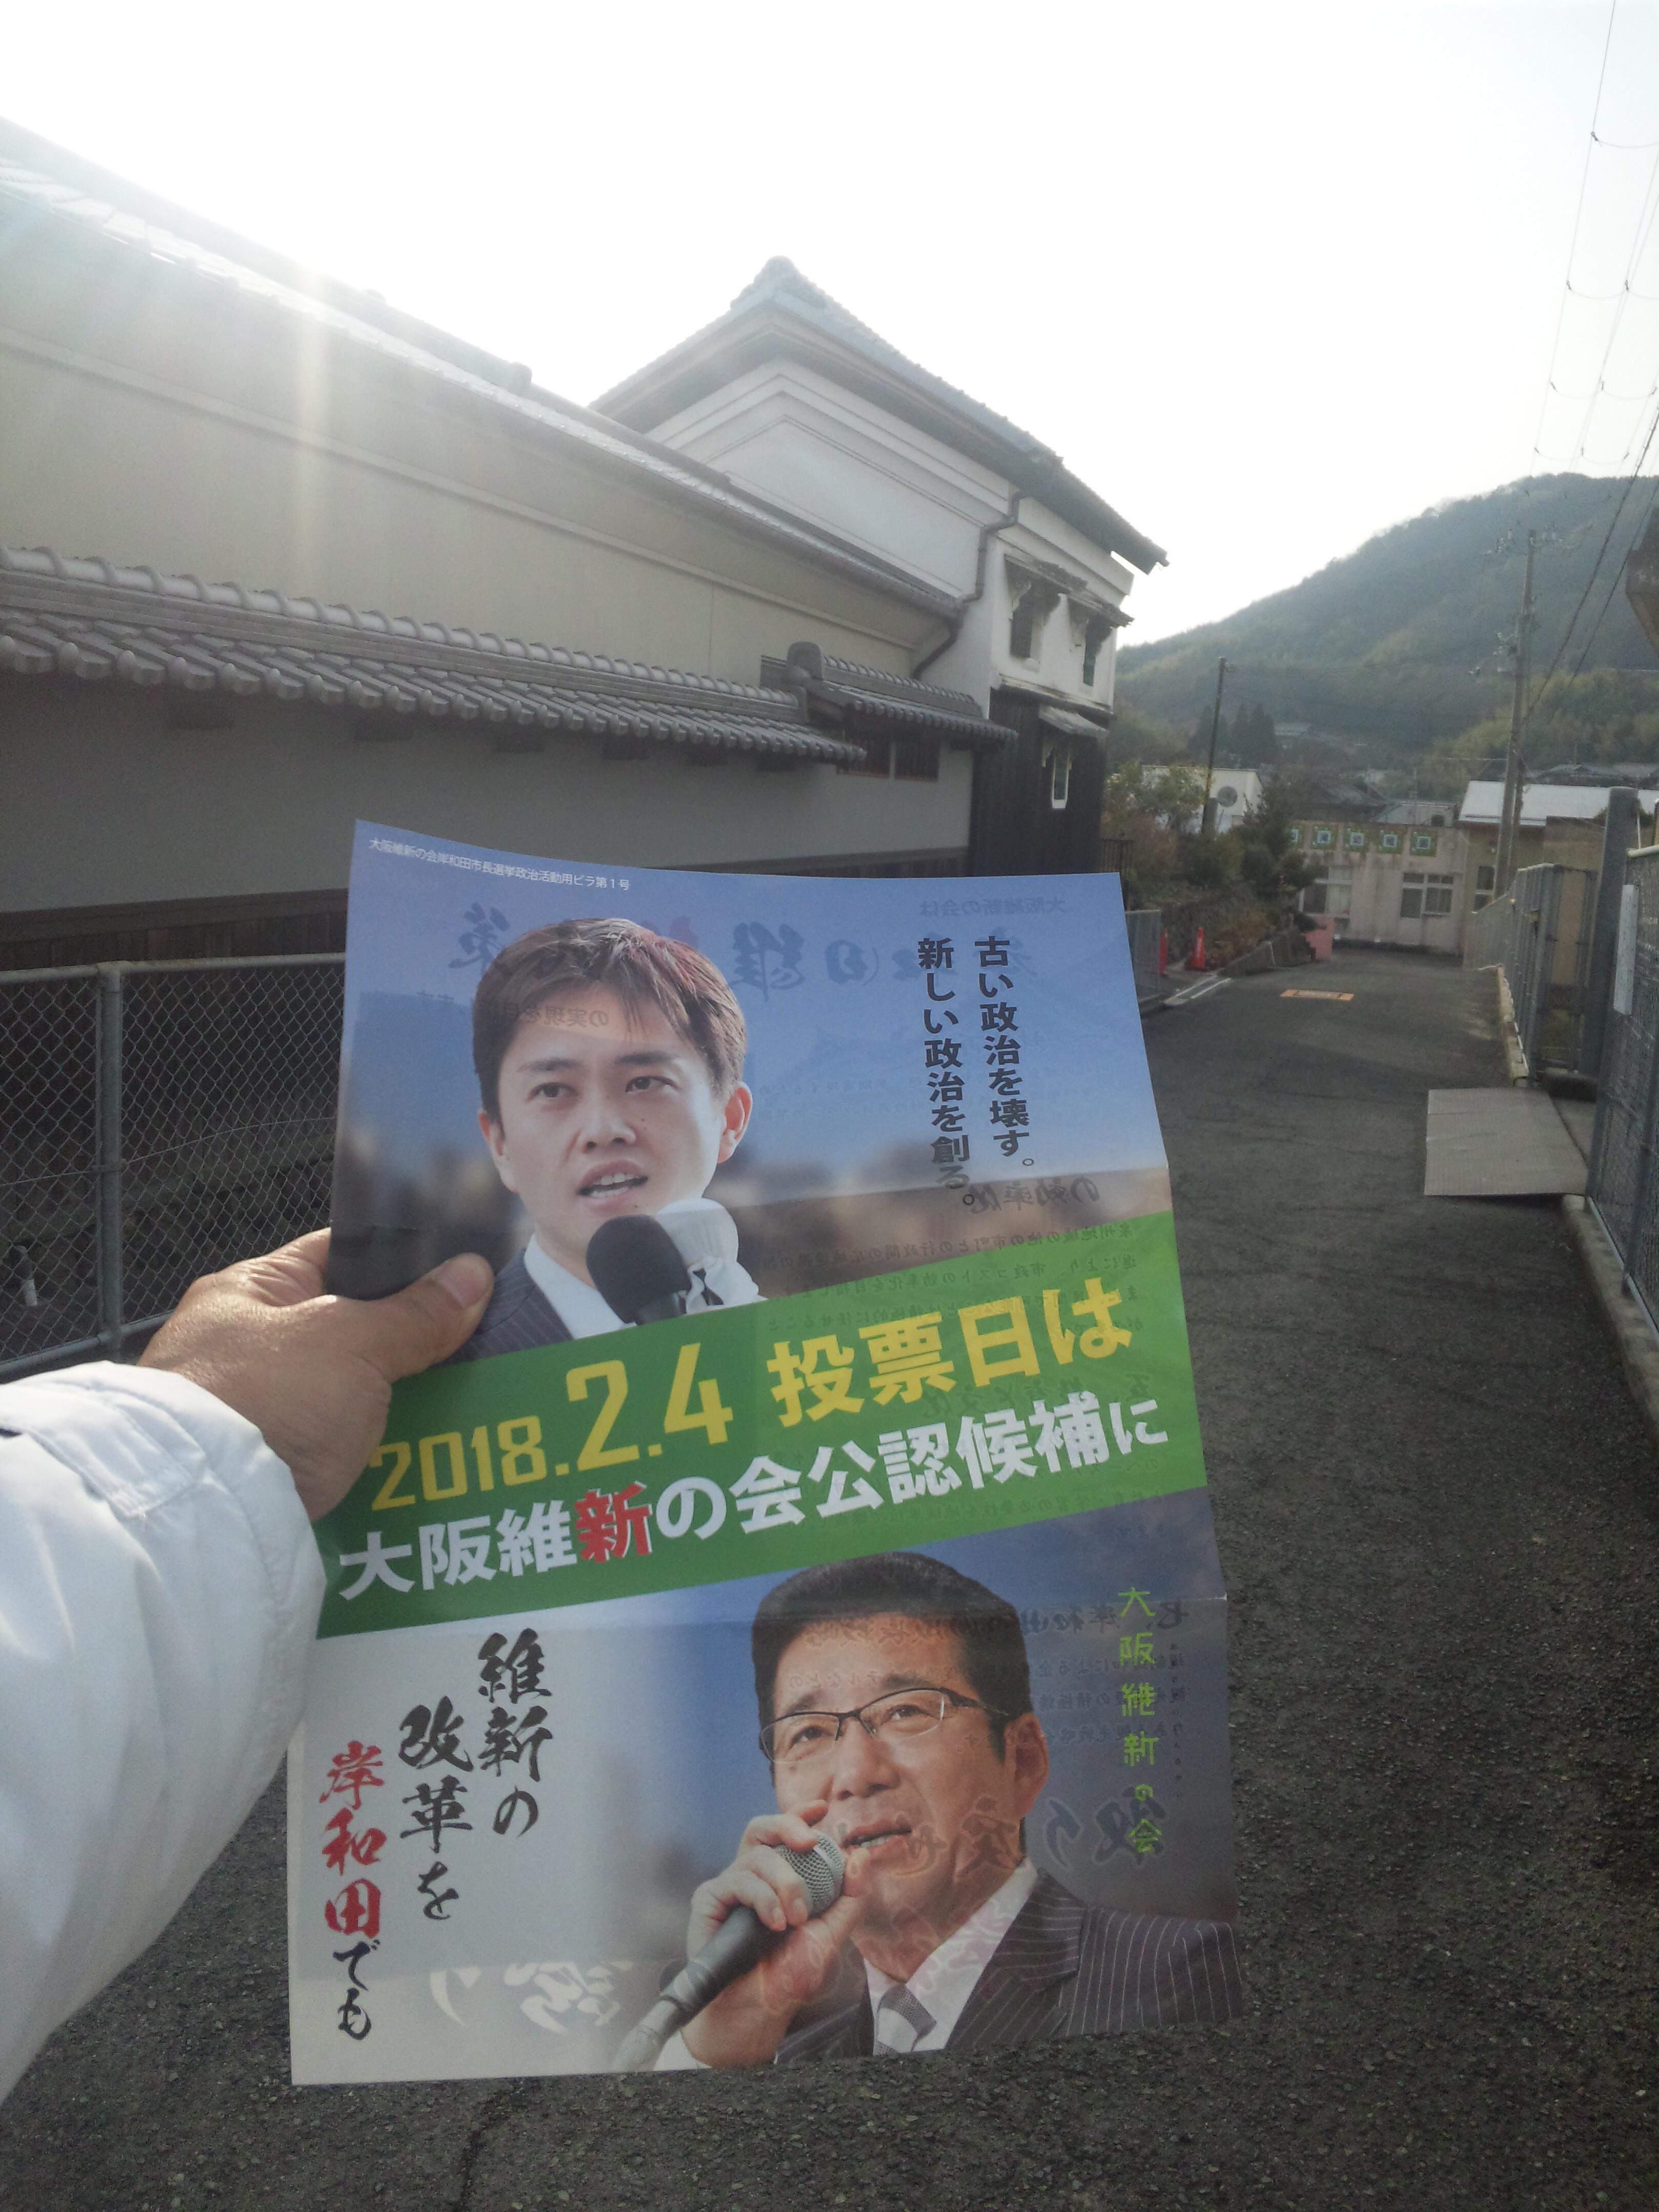 【岸和田市長選挙】期日前投票、明日は、イオンとラパークでも投票できます!